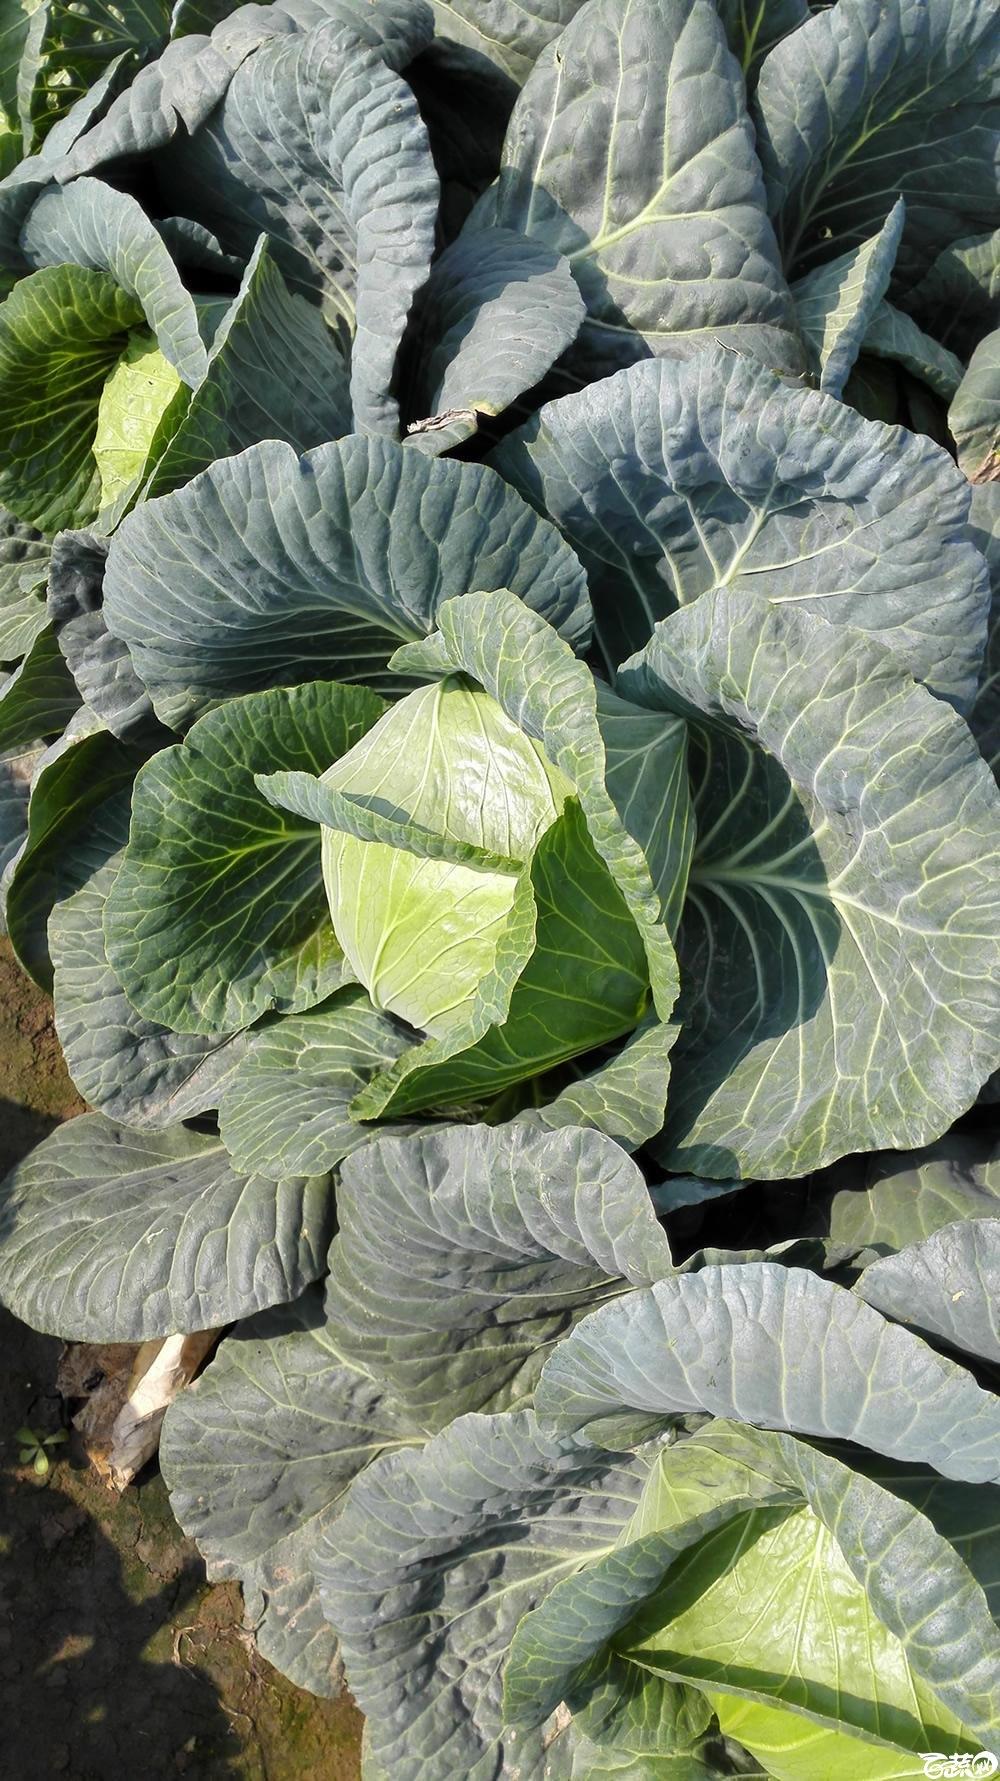 2014年12月10号广州市农科院南沙秋季蔬菜新品种展示会 甘蓝_134.jpg